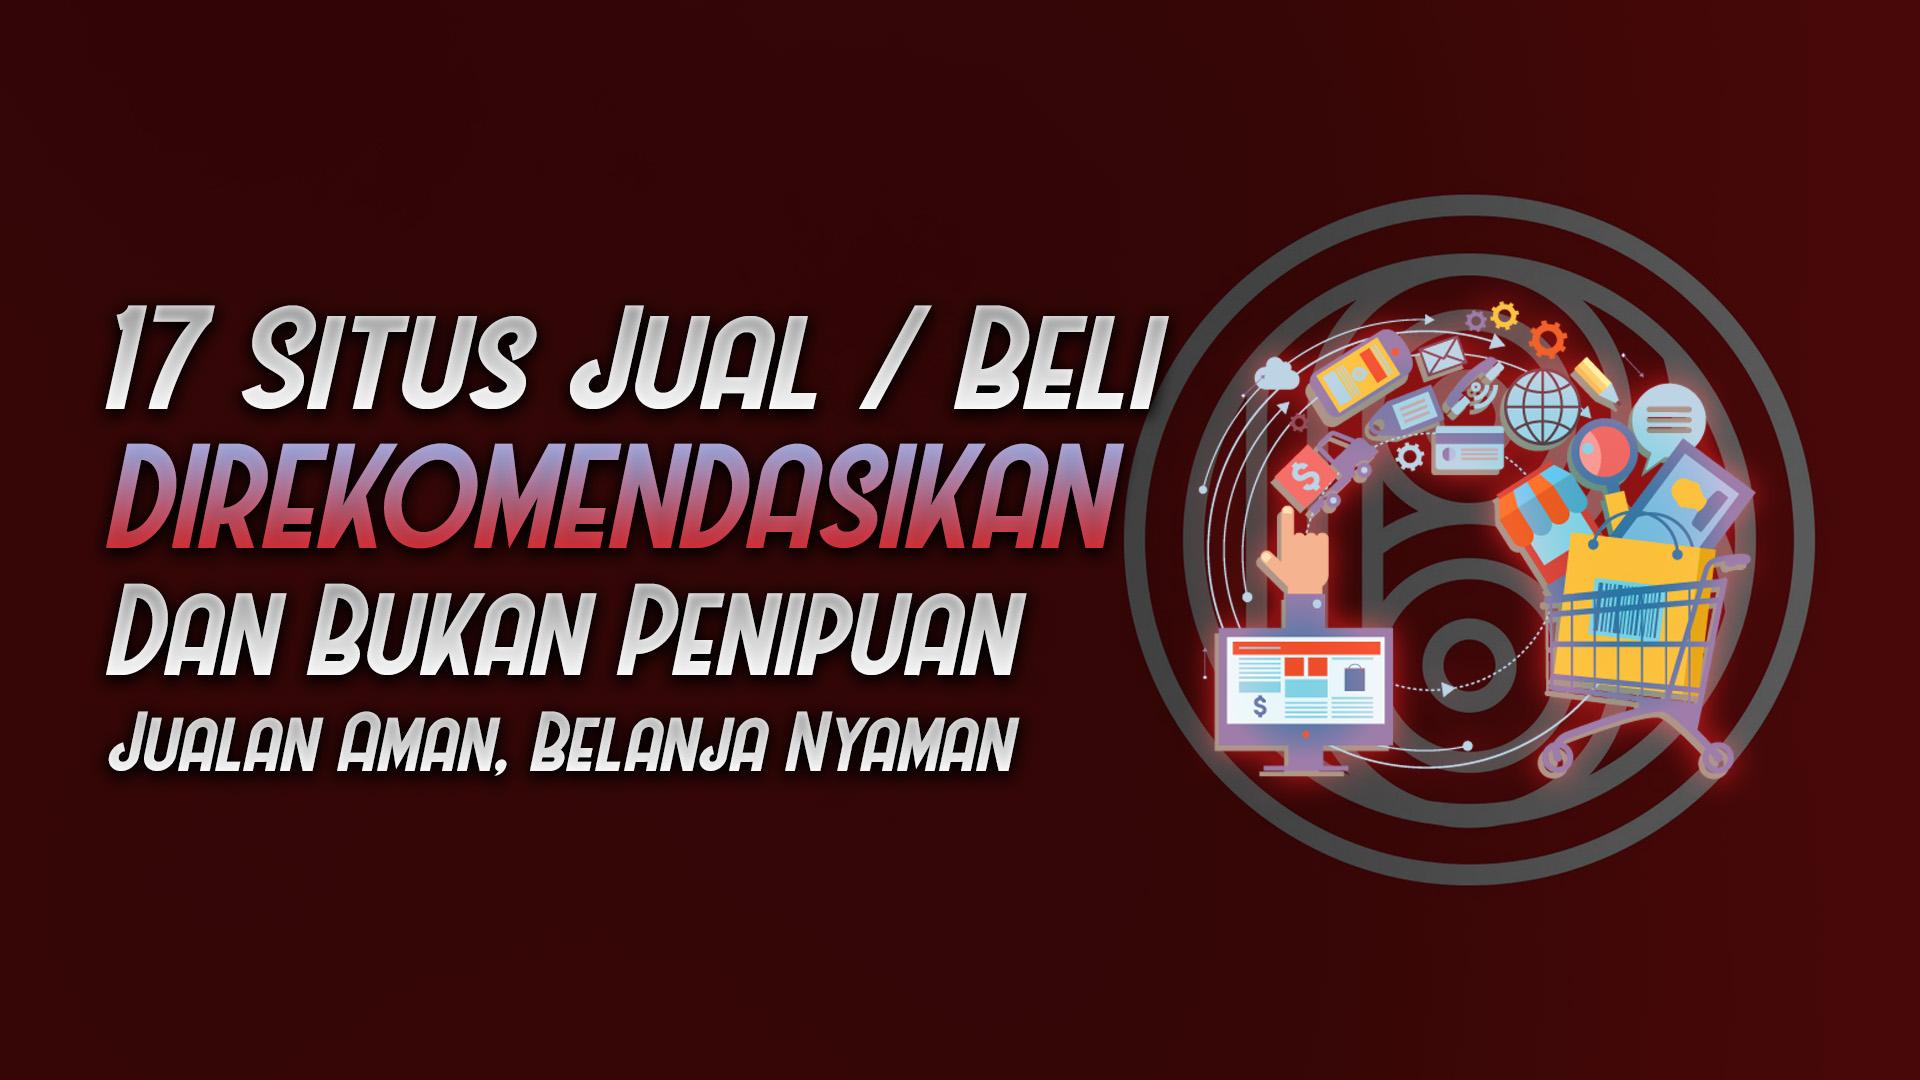 17 daftar situs online terpercaya indonesia - rio bermano